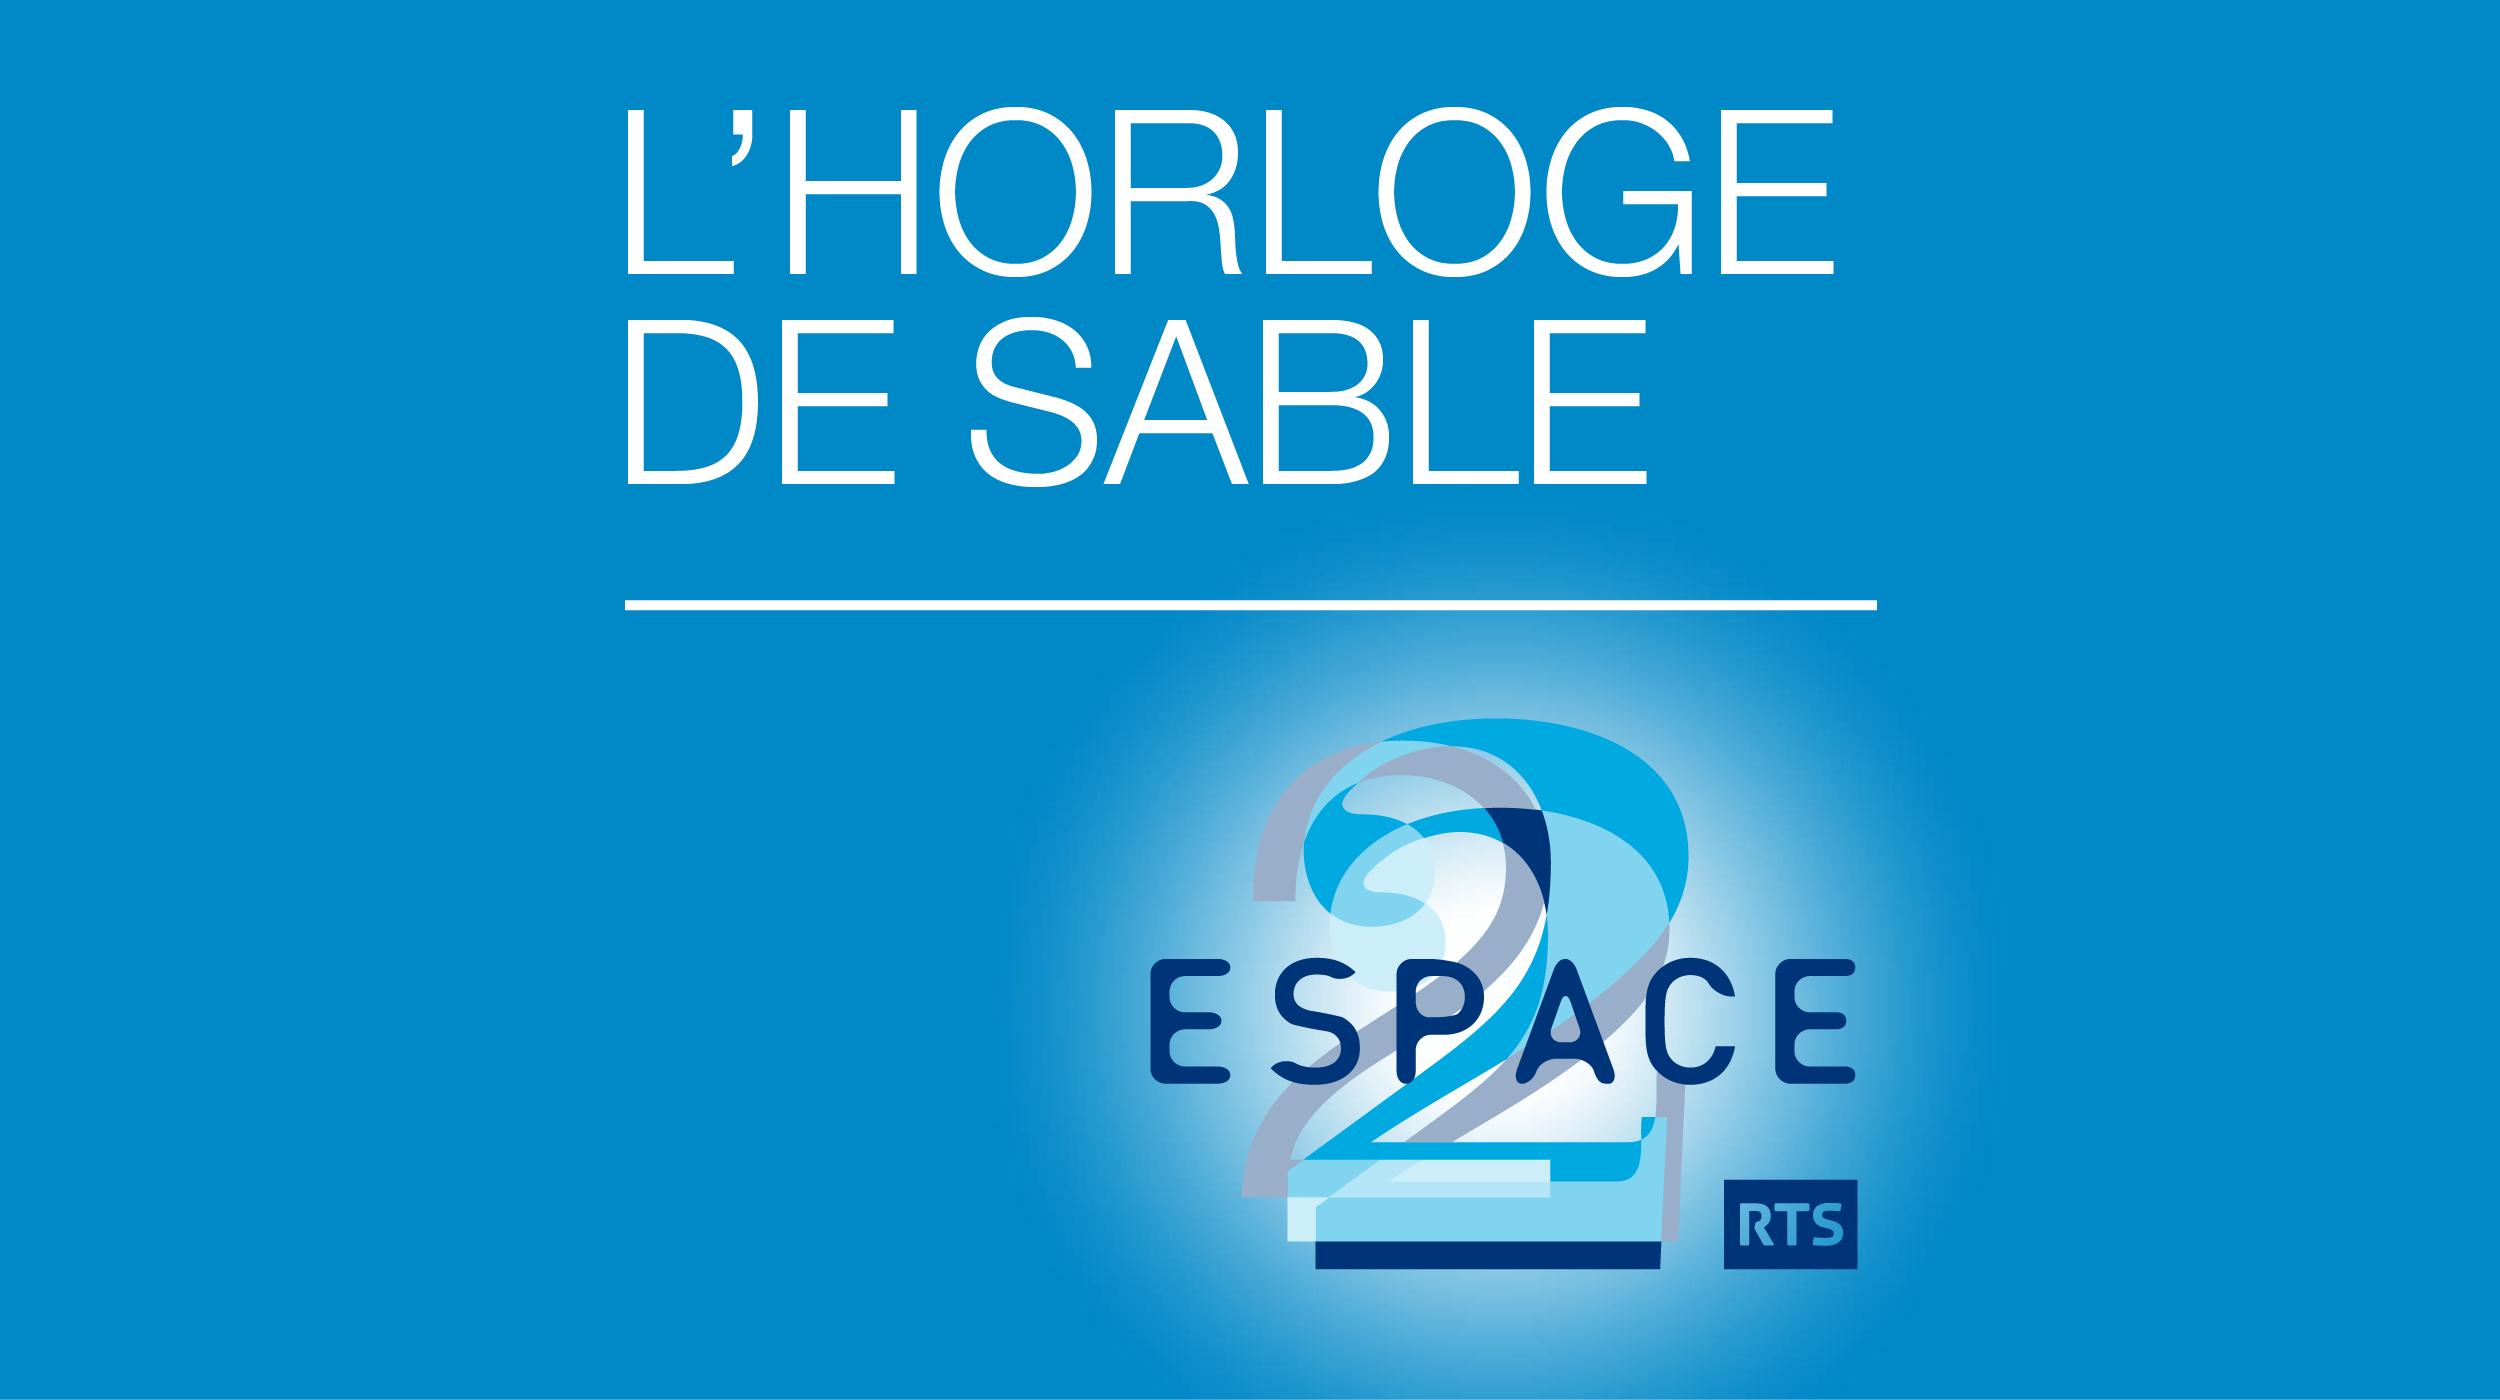 Logo L'horloge de sable [RTS]